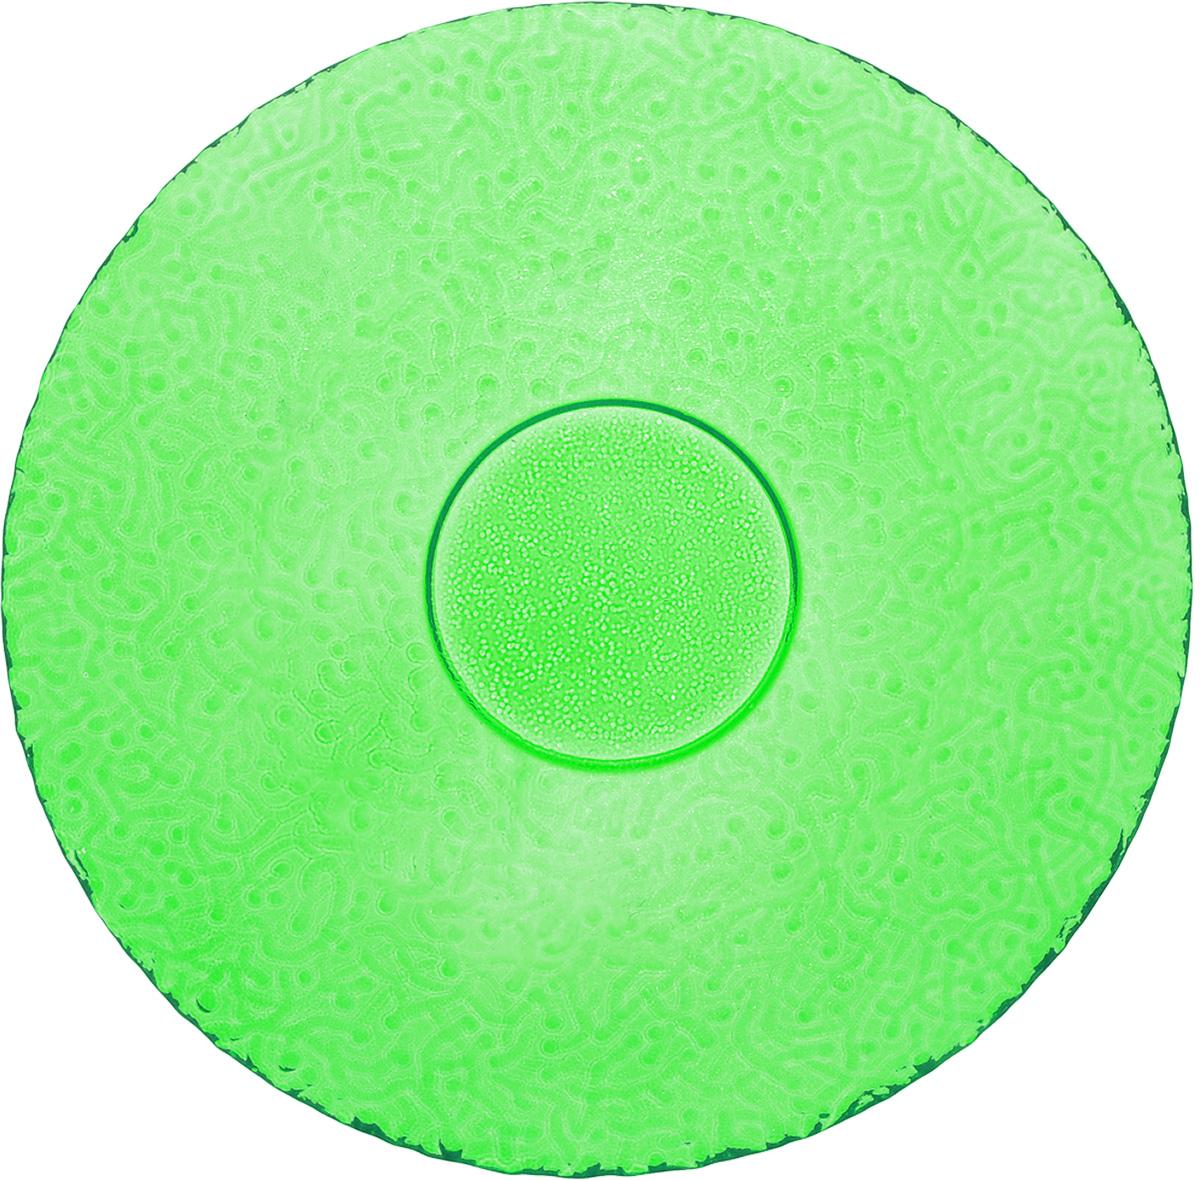 Тарелка NiNaGlass Ажур, цвет: зеленый, диаметр 21 смVT-1520(SR)Тарелка NiNaGlass Ажур выполнена из высококачественного стекла и имеет рельефную поверхность. Она прекрасно впишется в интерьер вашей кухни и станет достойным дополнением к кухонному инвентарю. Тарелка NiNaGlass Ажур подчеркнет прекрасный вкус хозяйки и станет отличным подарком. Диаметр тарелки: 21 см. Высота: 2,5 см.